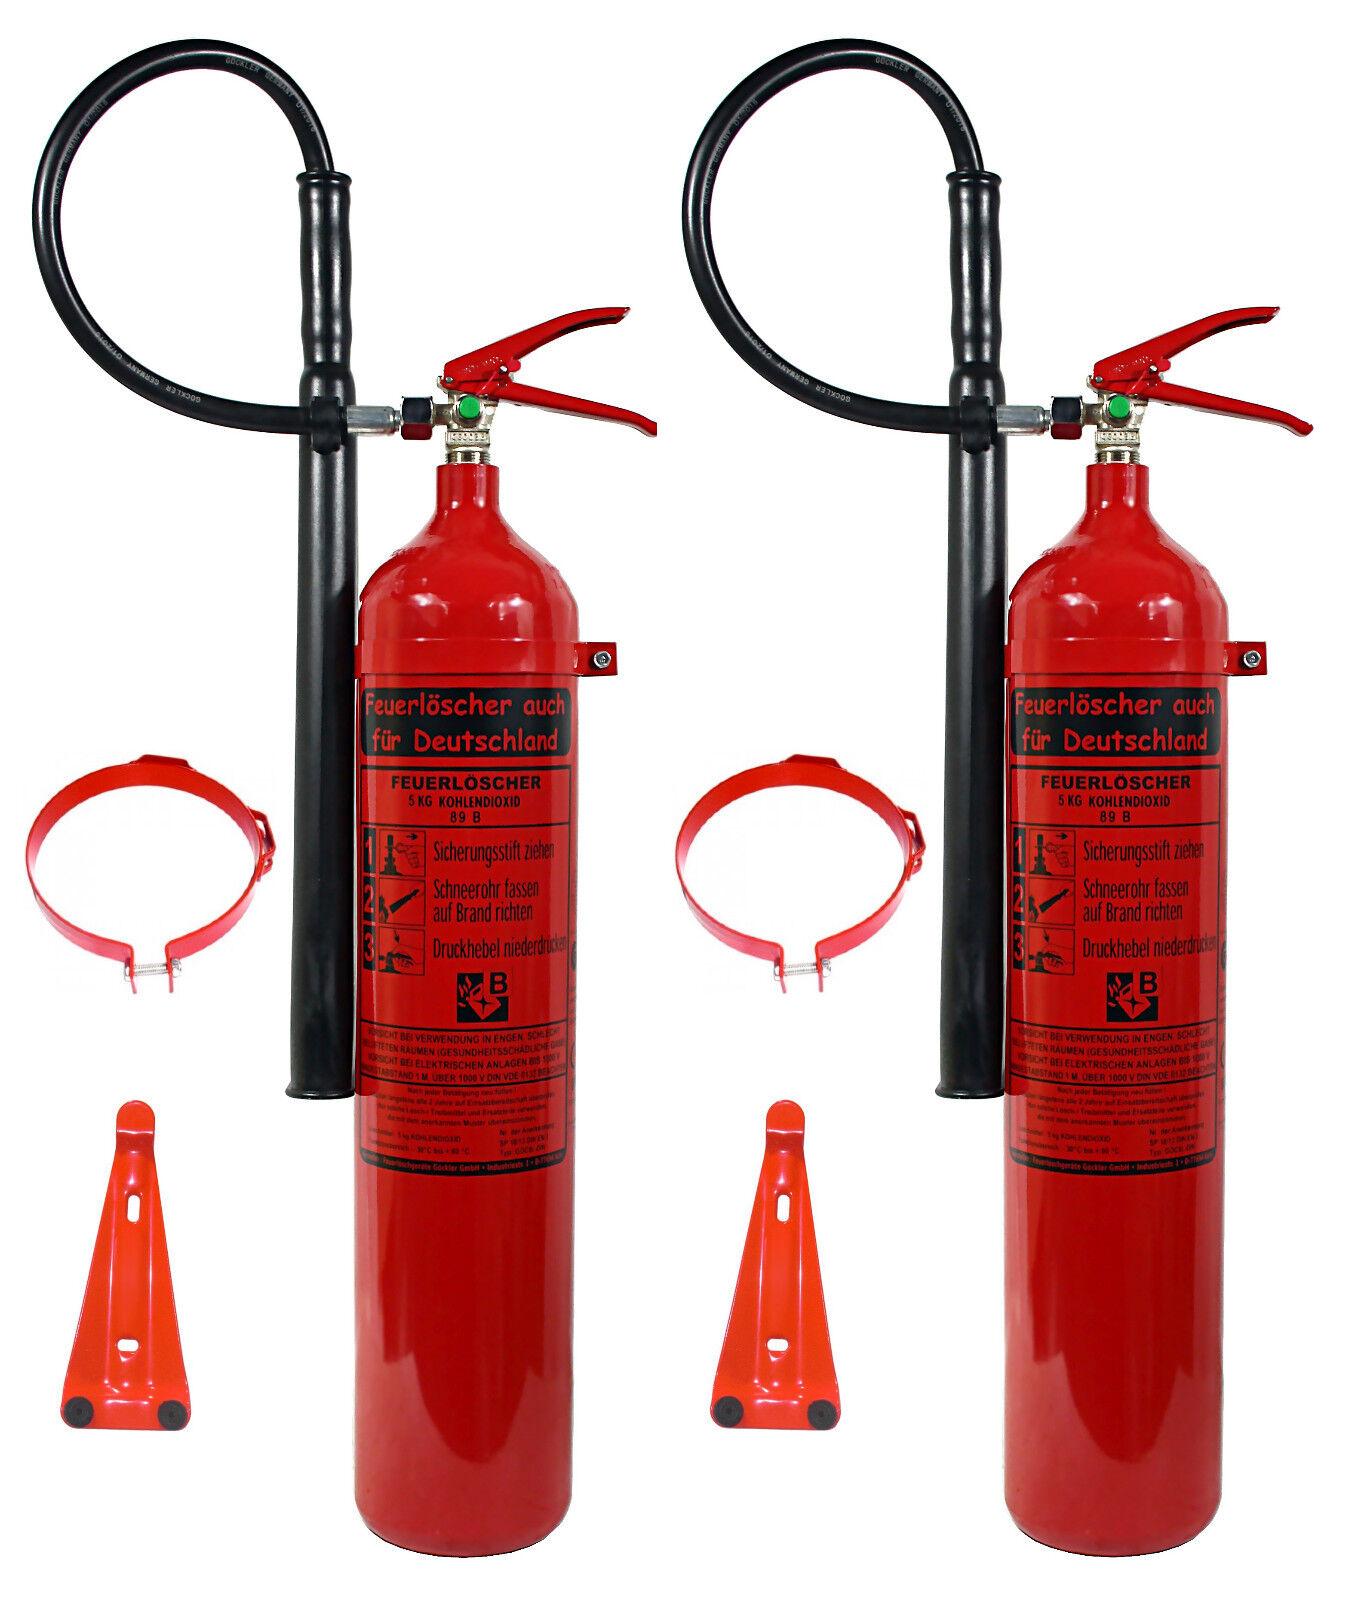 2 X 5 kg Feuerlöscher CO2 Kohlendioxid DIN EN 3   GS + Wandhalter EDV BÜRO LABOR